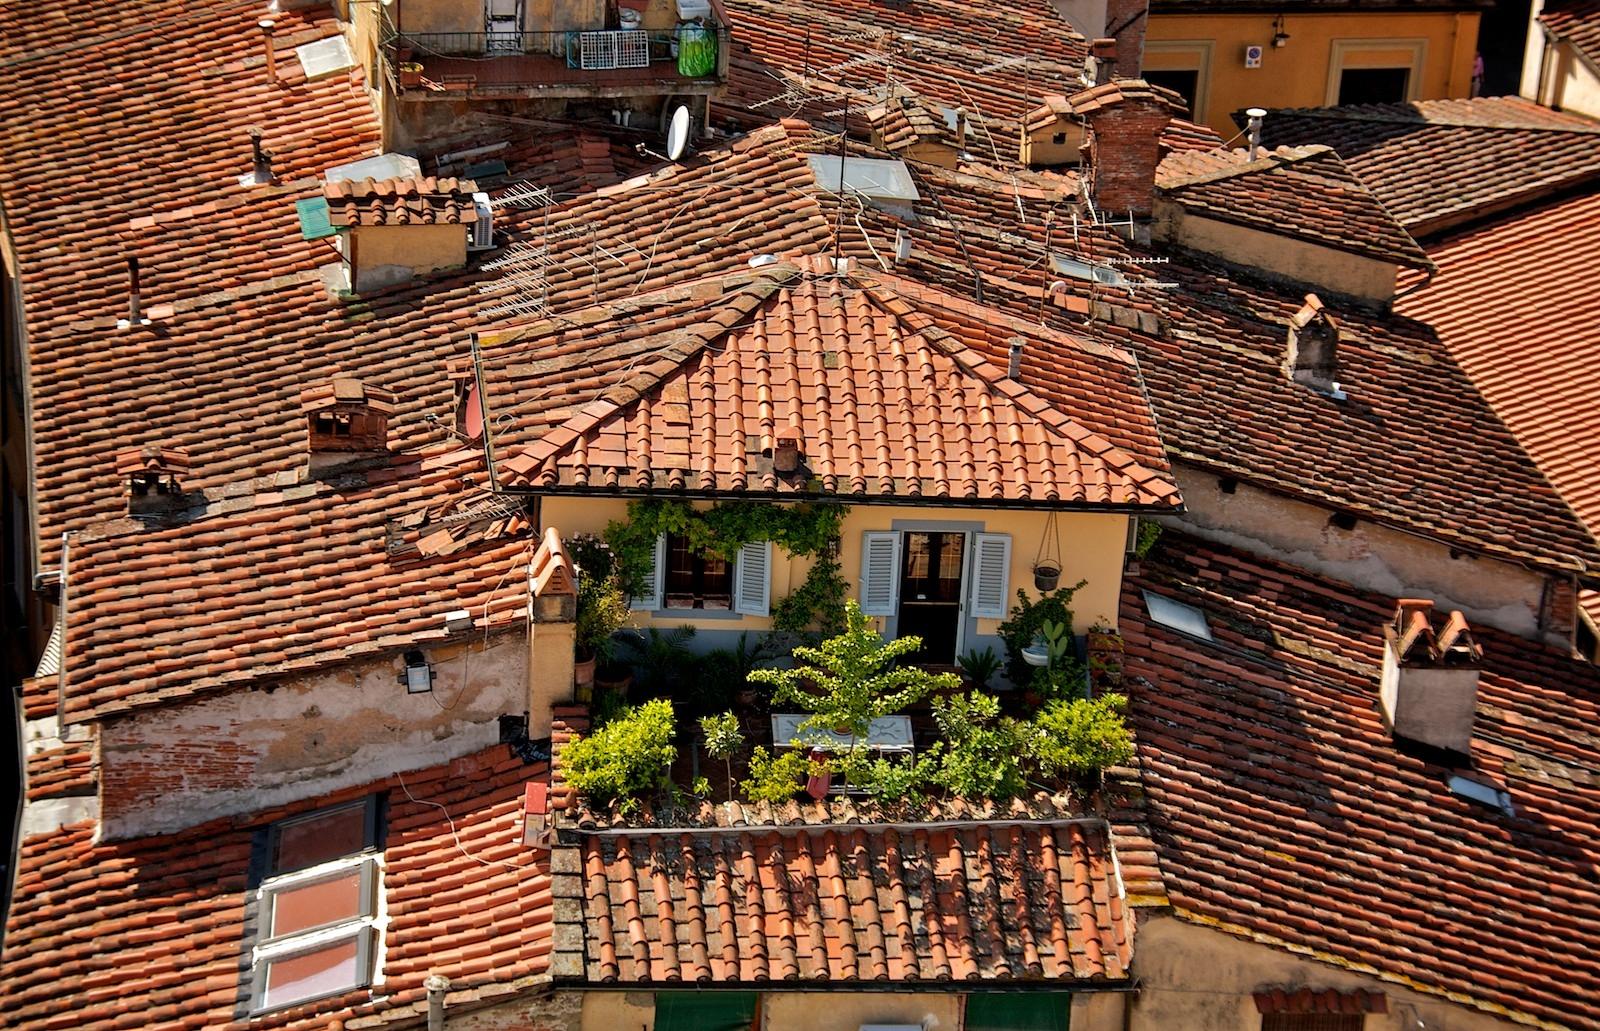 Kaip išsirinkti ekonomiškiausią stogo dangą?